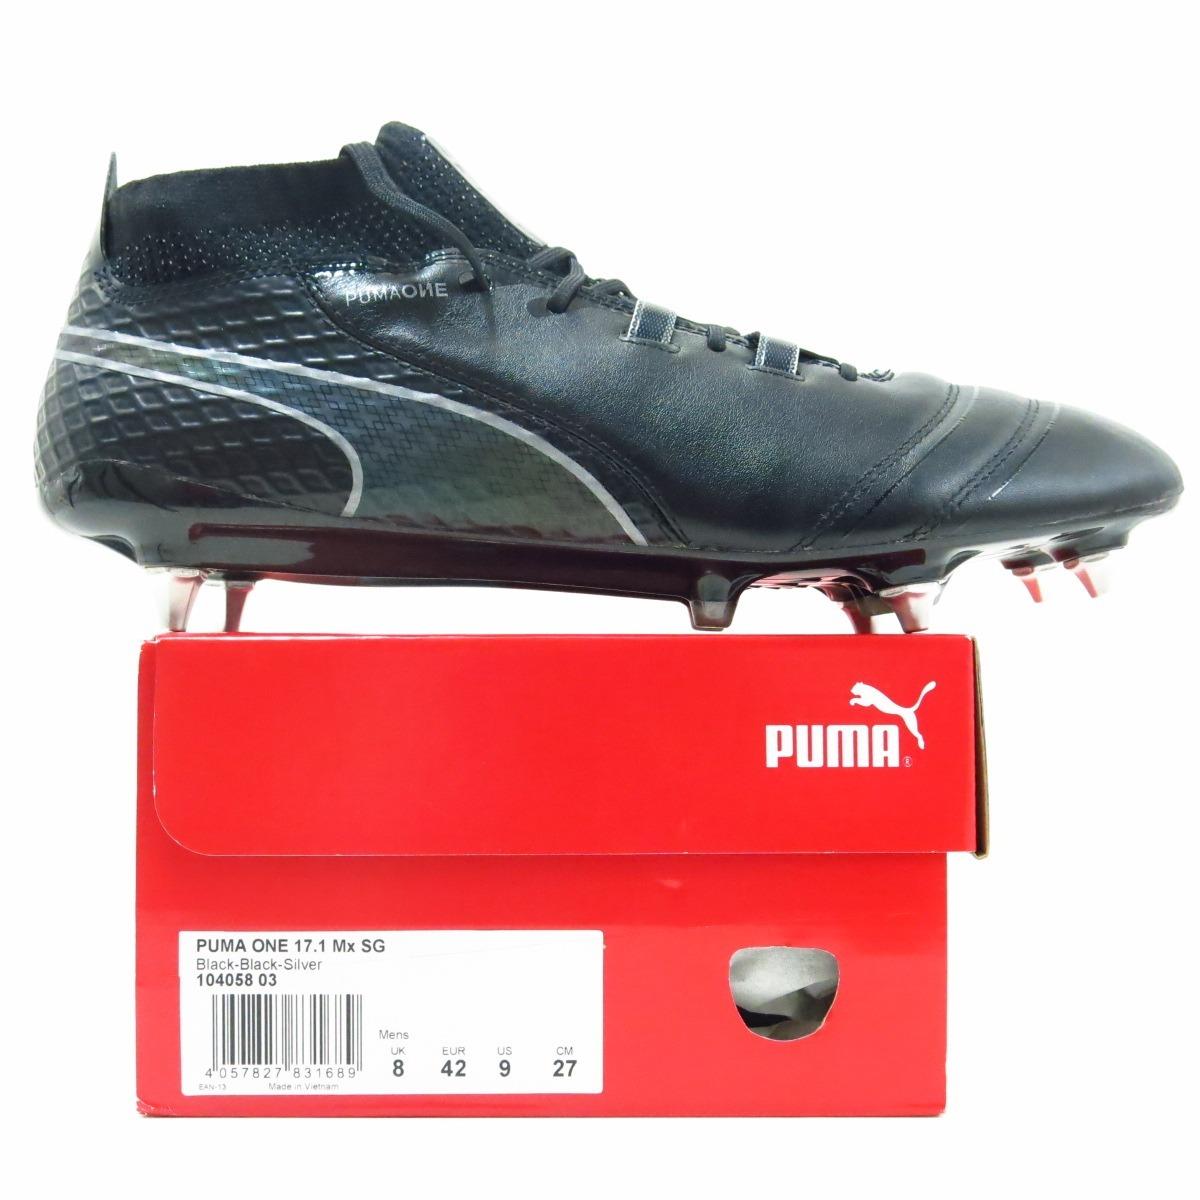 e02a57b084 Chuteira Campo Puma One 17.1 Sg Pro Original Couro Canguru - R  569 ...